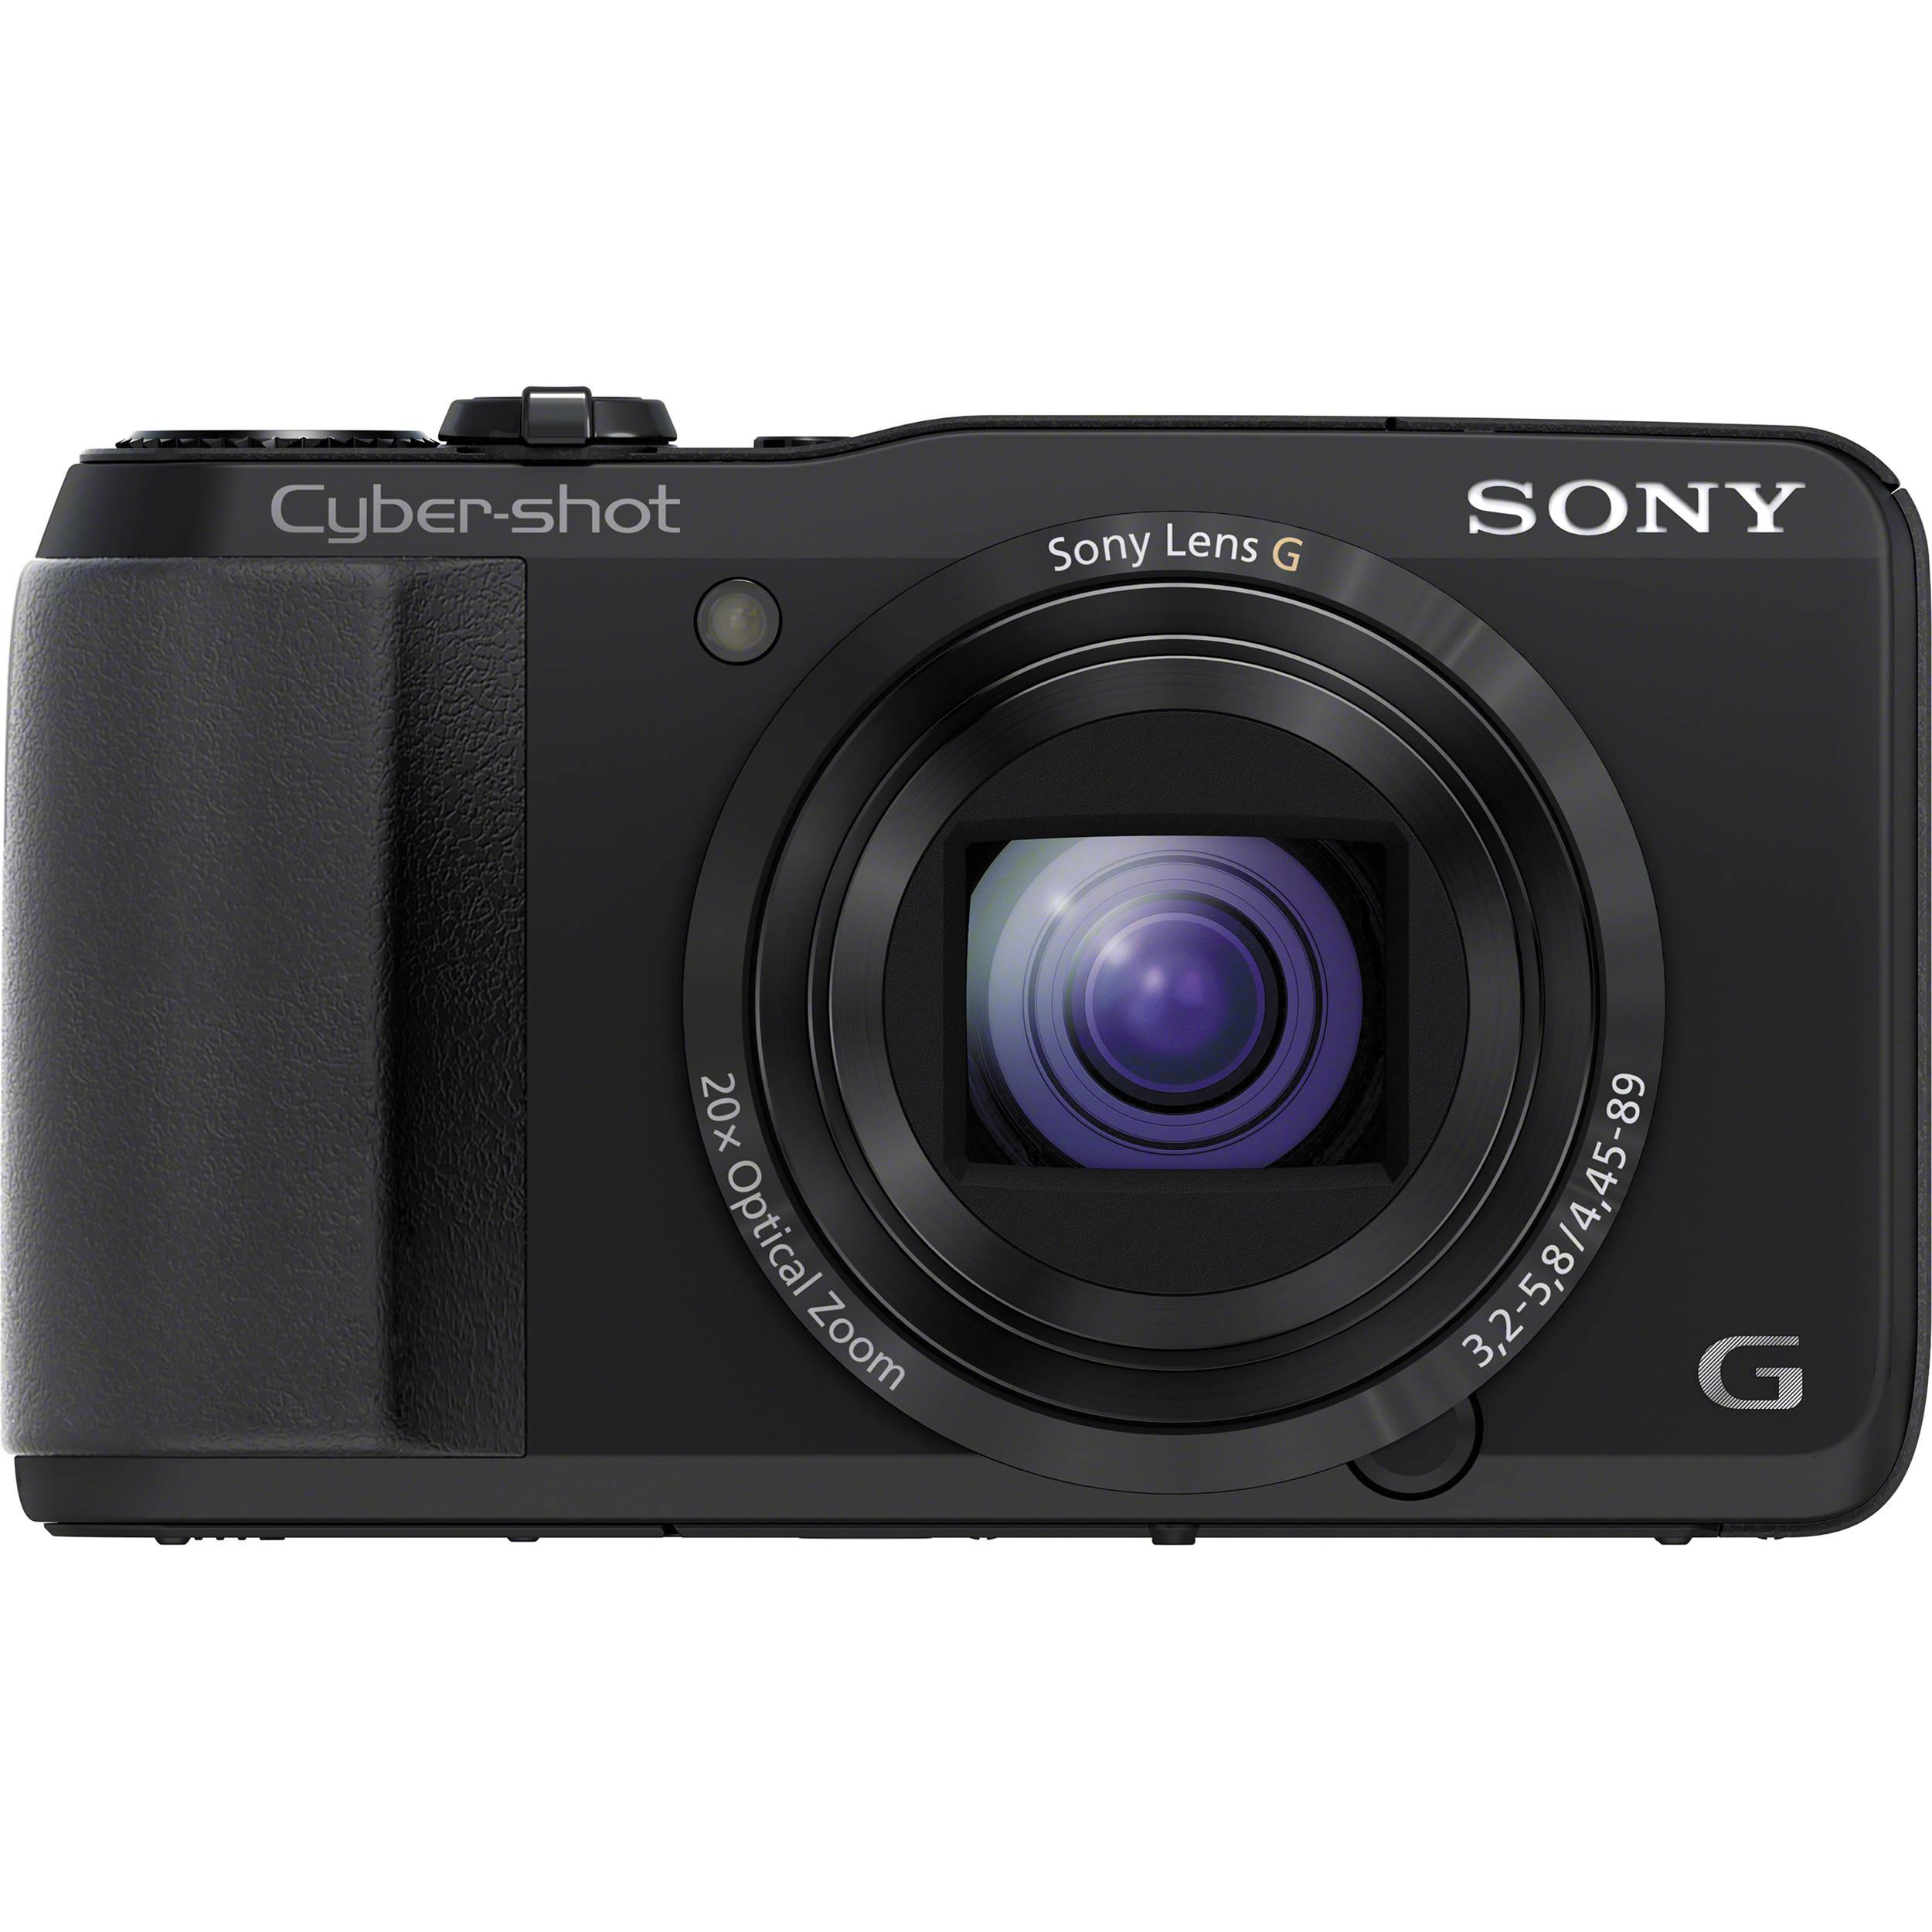 Sony Cyber Shot Dsc Hx30v Digital Camera Dschx30v B B Amp H Photo